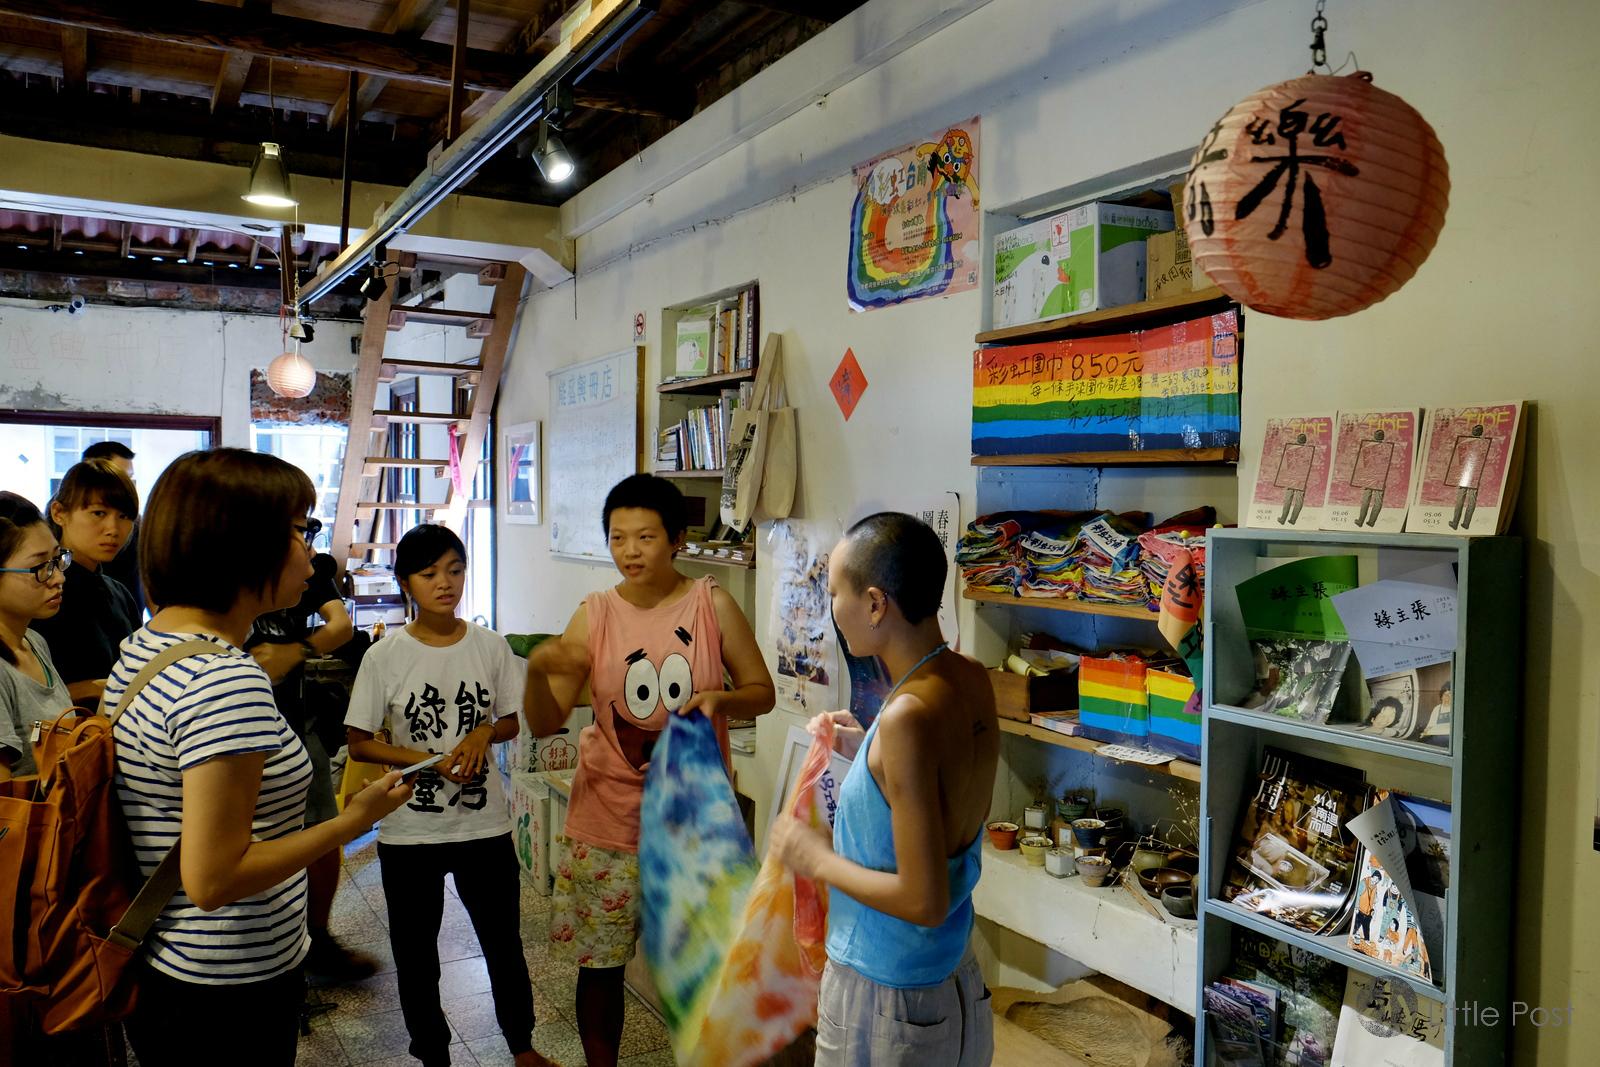 跟參觀者談天,也是「能盛興工廠」的日常。圖為成員林檎、普京、Dee Dee。